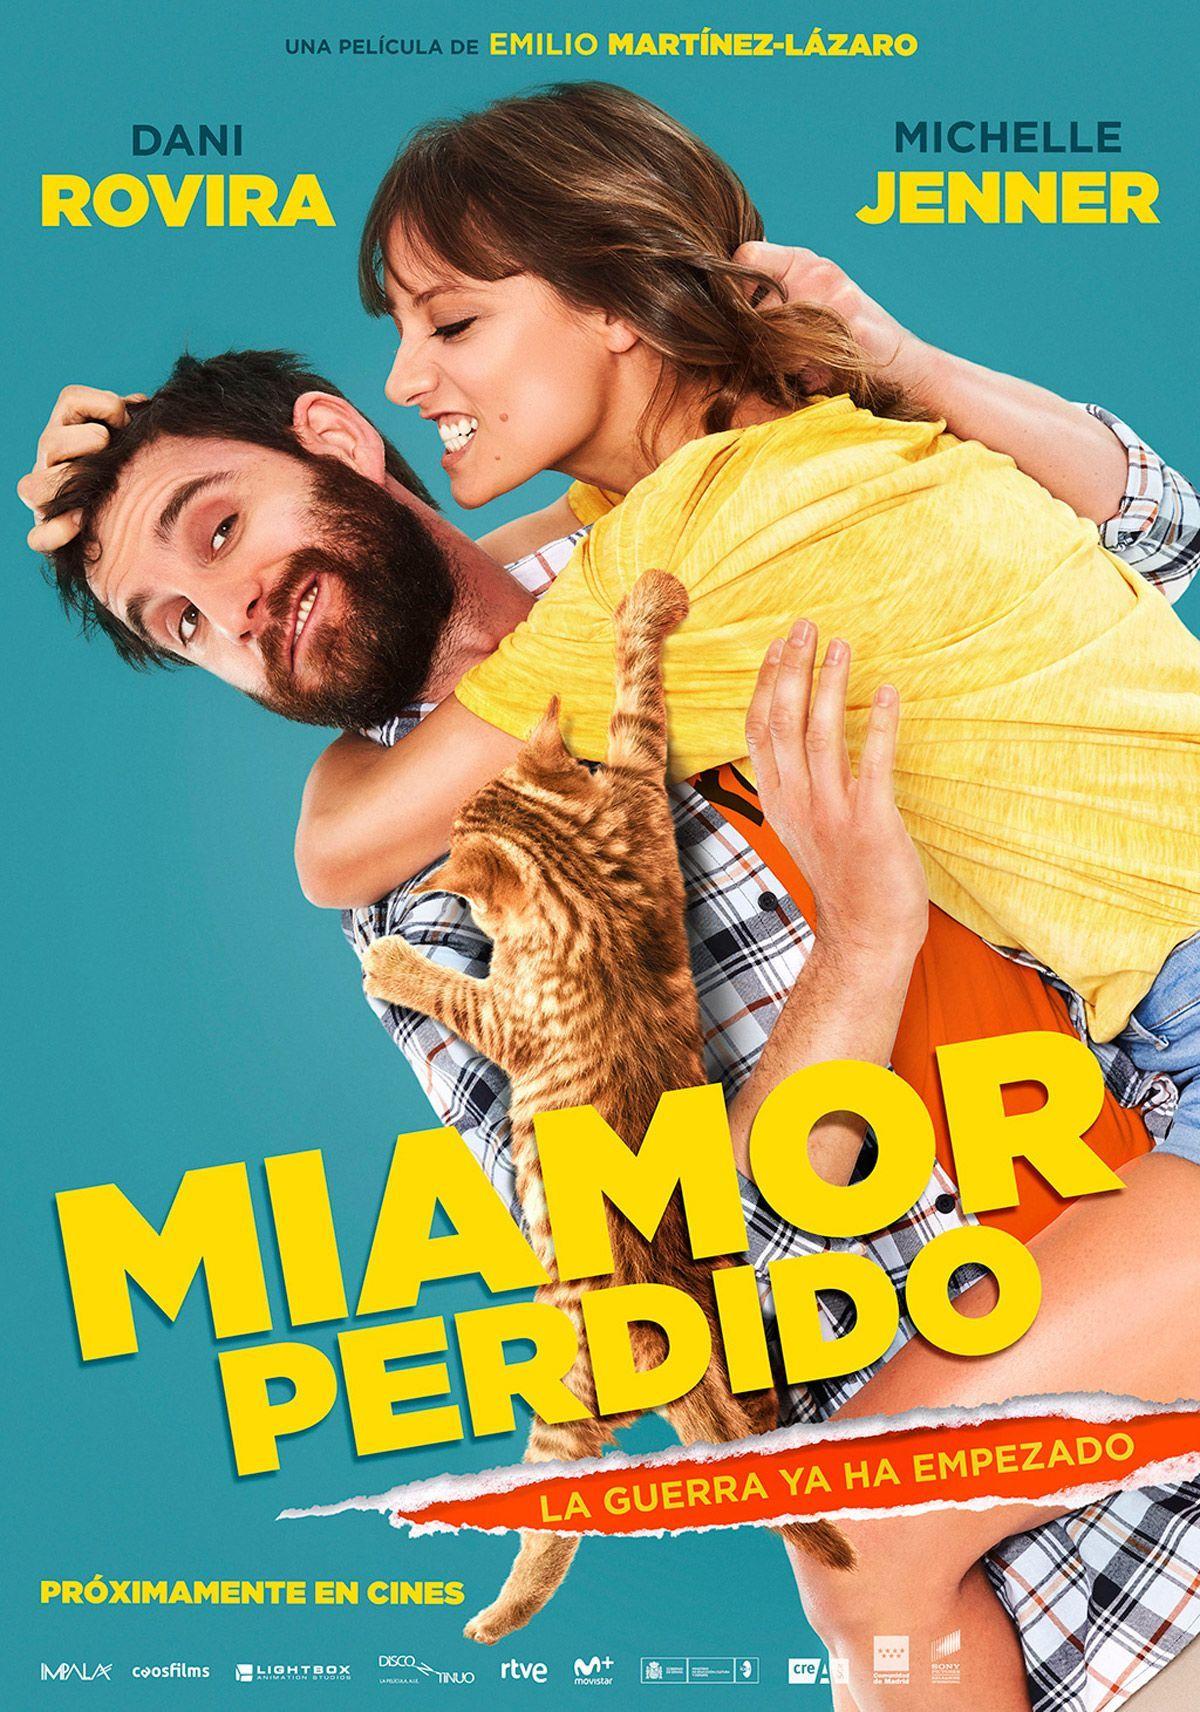 Mi Amor Perdido 2018 Movie Spain Reparto Dani Rovira Michelle Jenner En 2021 Perdida Pelicula Completa Ver Peliculas Gratis Peliculas Mexicanas De Comedia